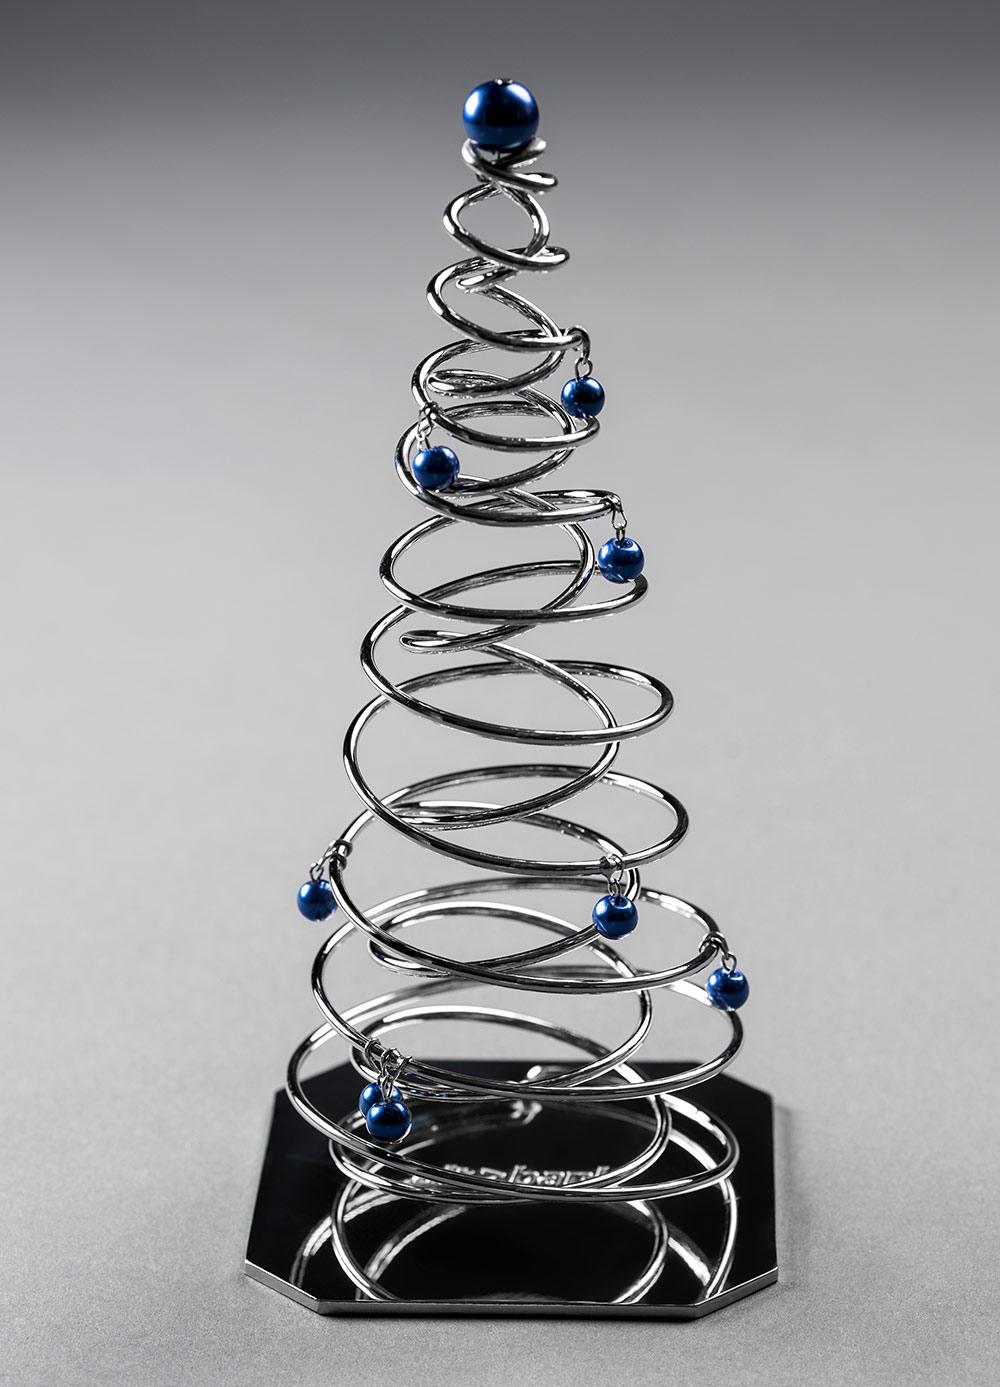 Металлическая новогодняя елка ручной работы и фирменные елочные шары.